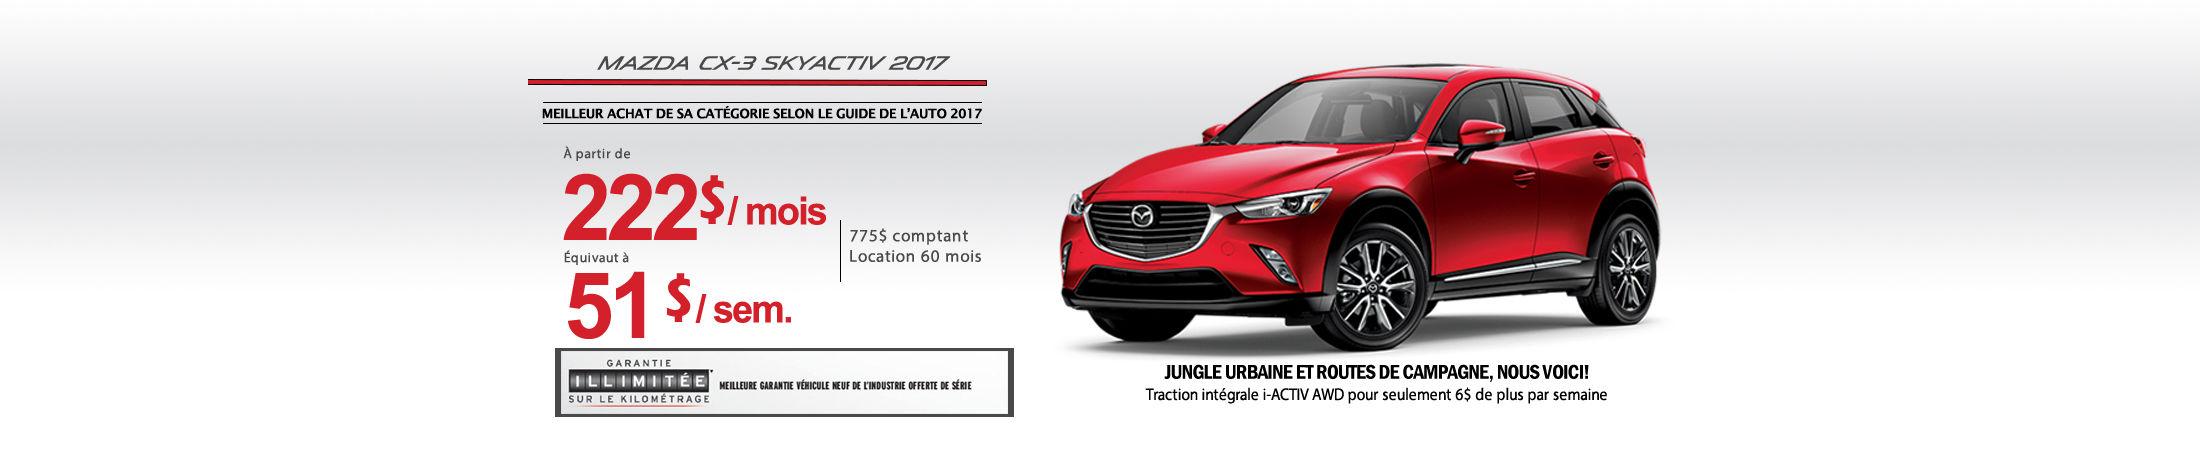 Mazda CX-3 2017 Banniere (Copie)